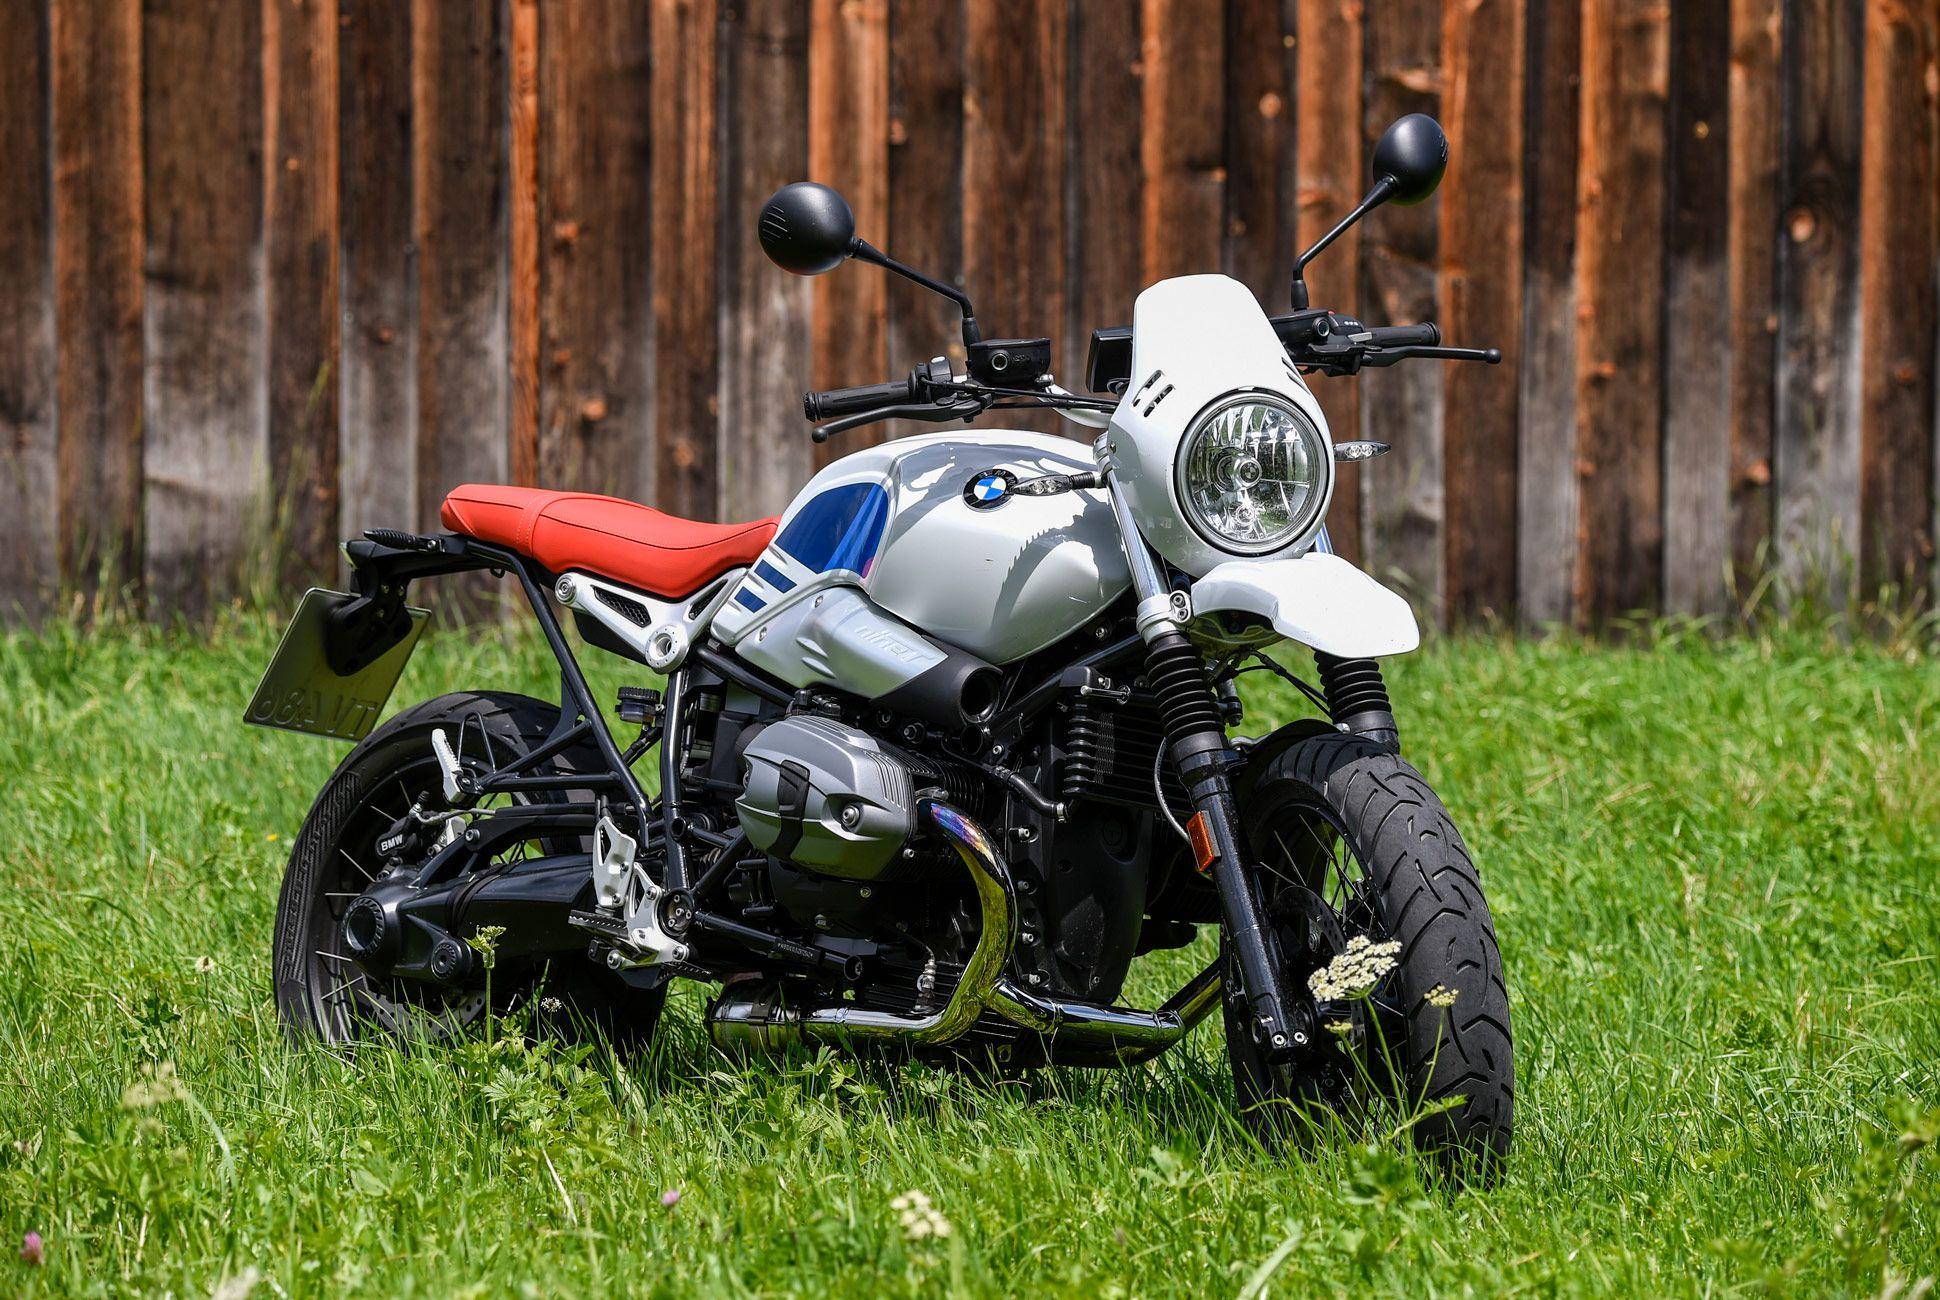 BMW-RnineT-Urban-GS-Gear-Patrol-Slide-2